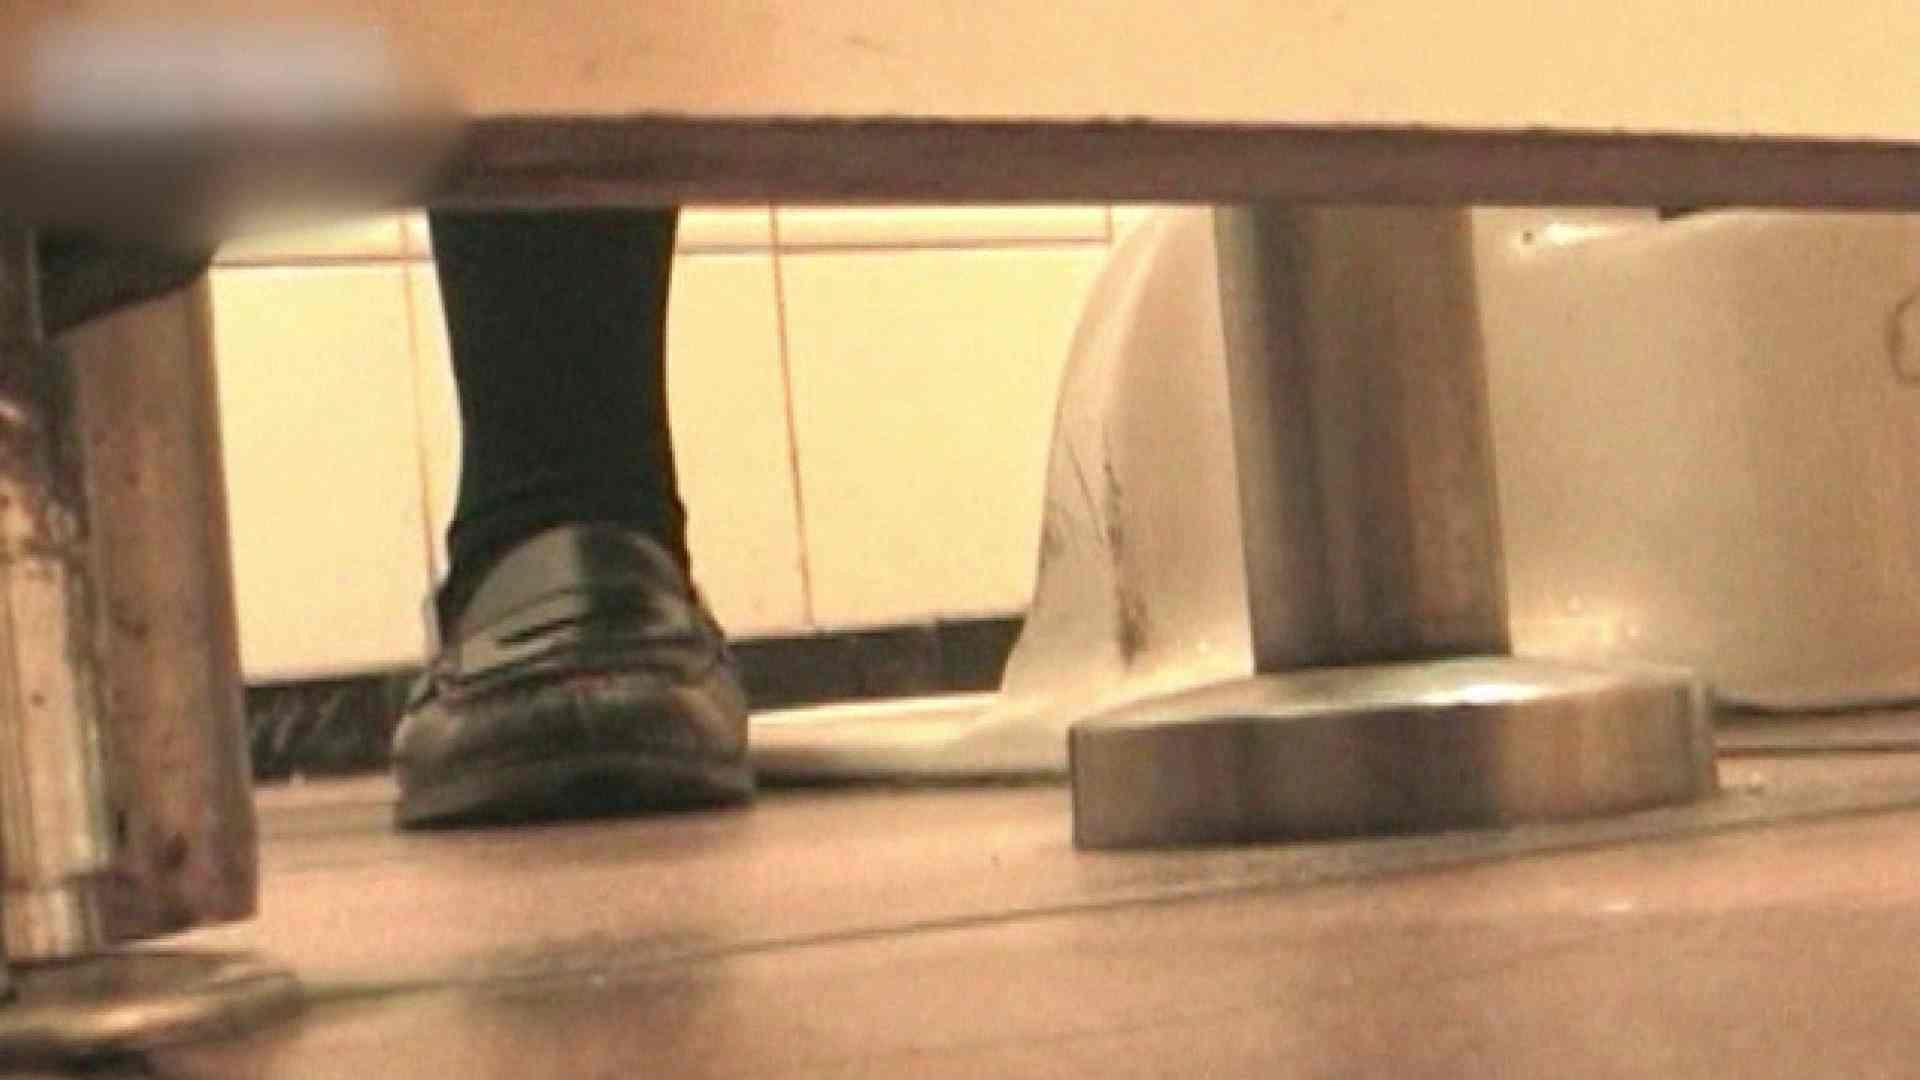 ロックハンドさんの盗撮記録File.28 厠隠し撮り AV無料動画キャプチャ 104pic 85